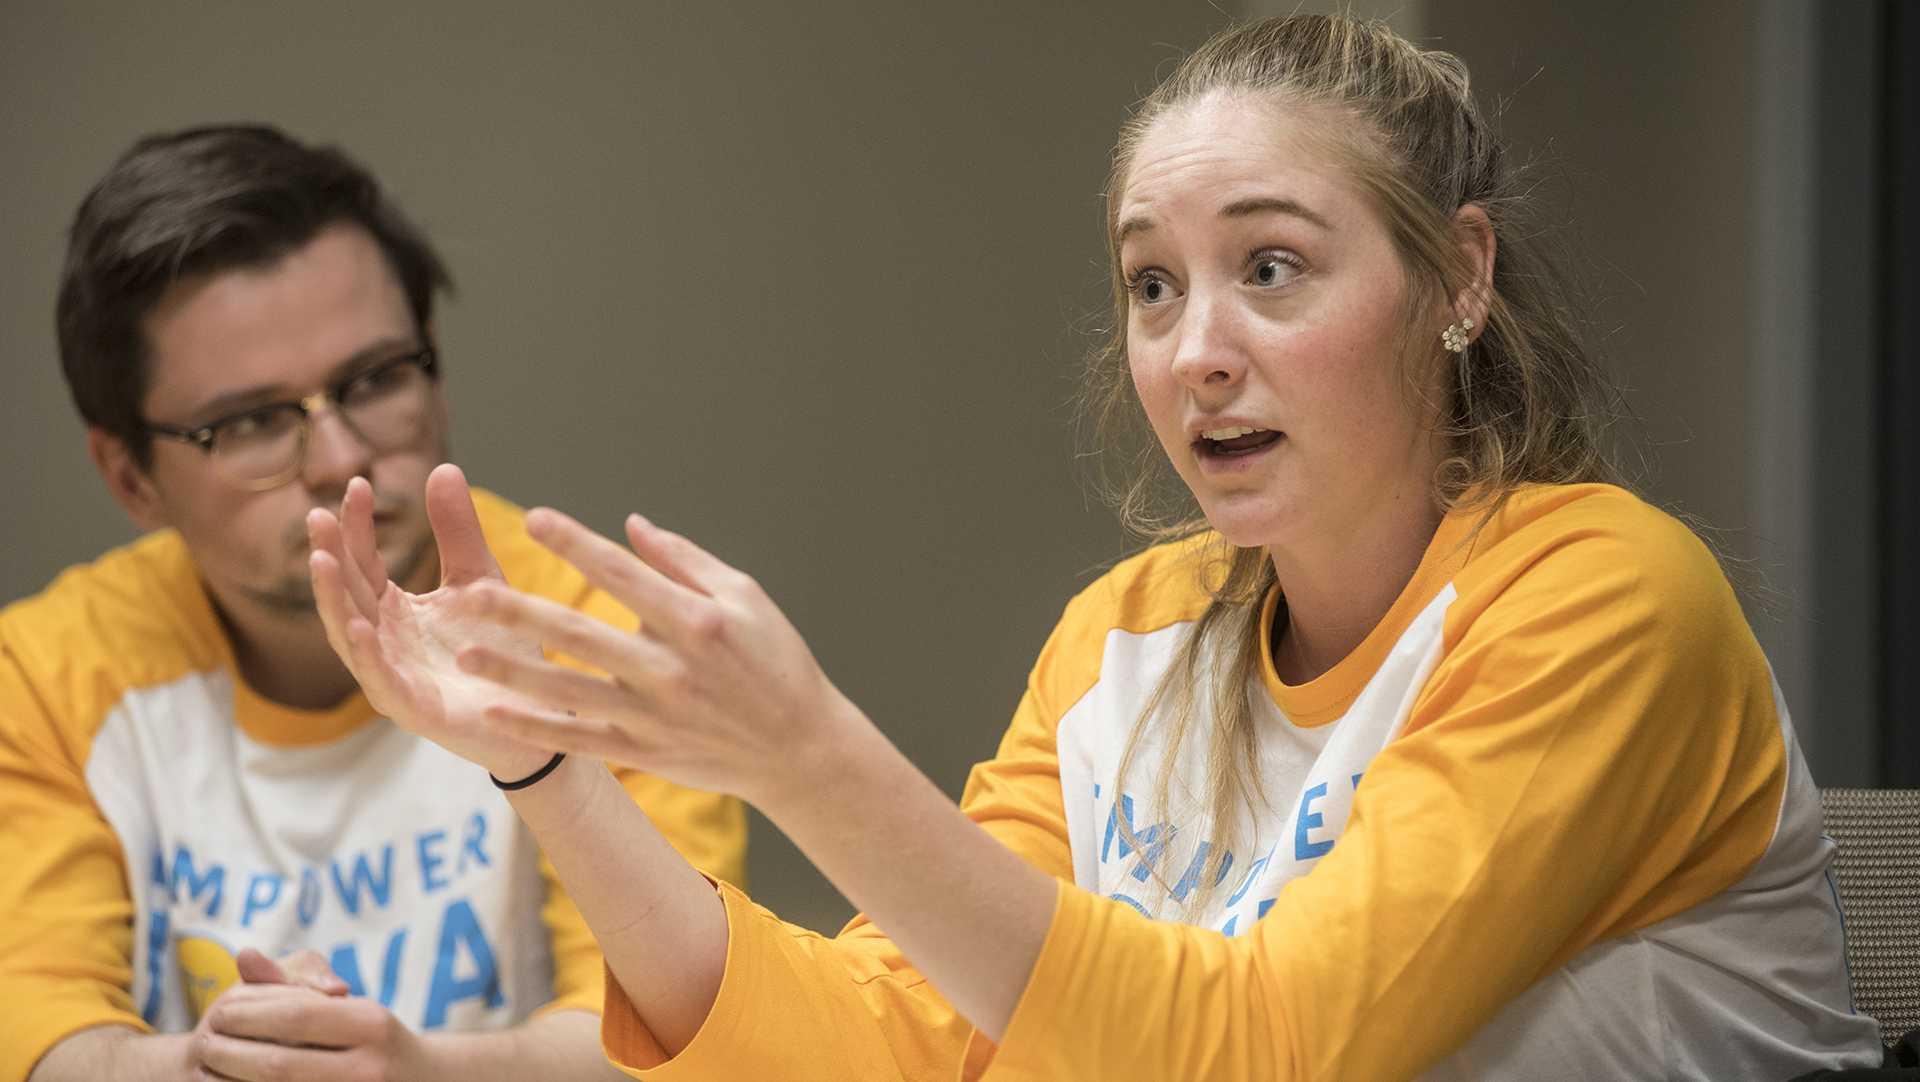 Editorial: DI endorses Empower Iowa for student government